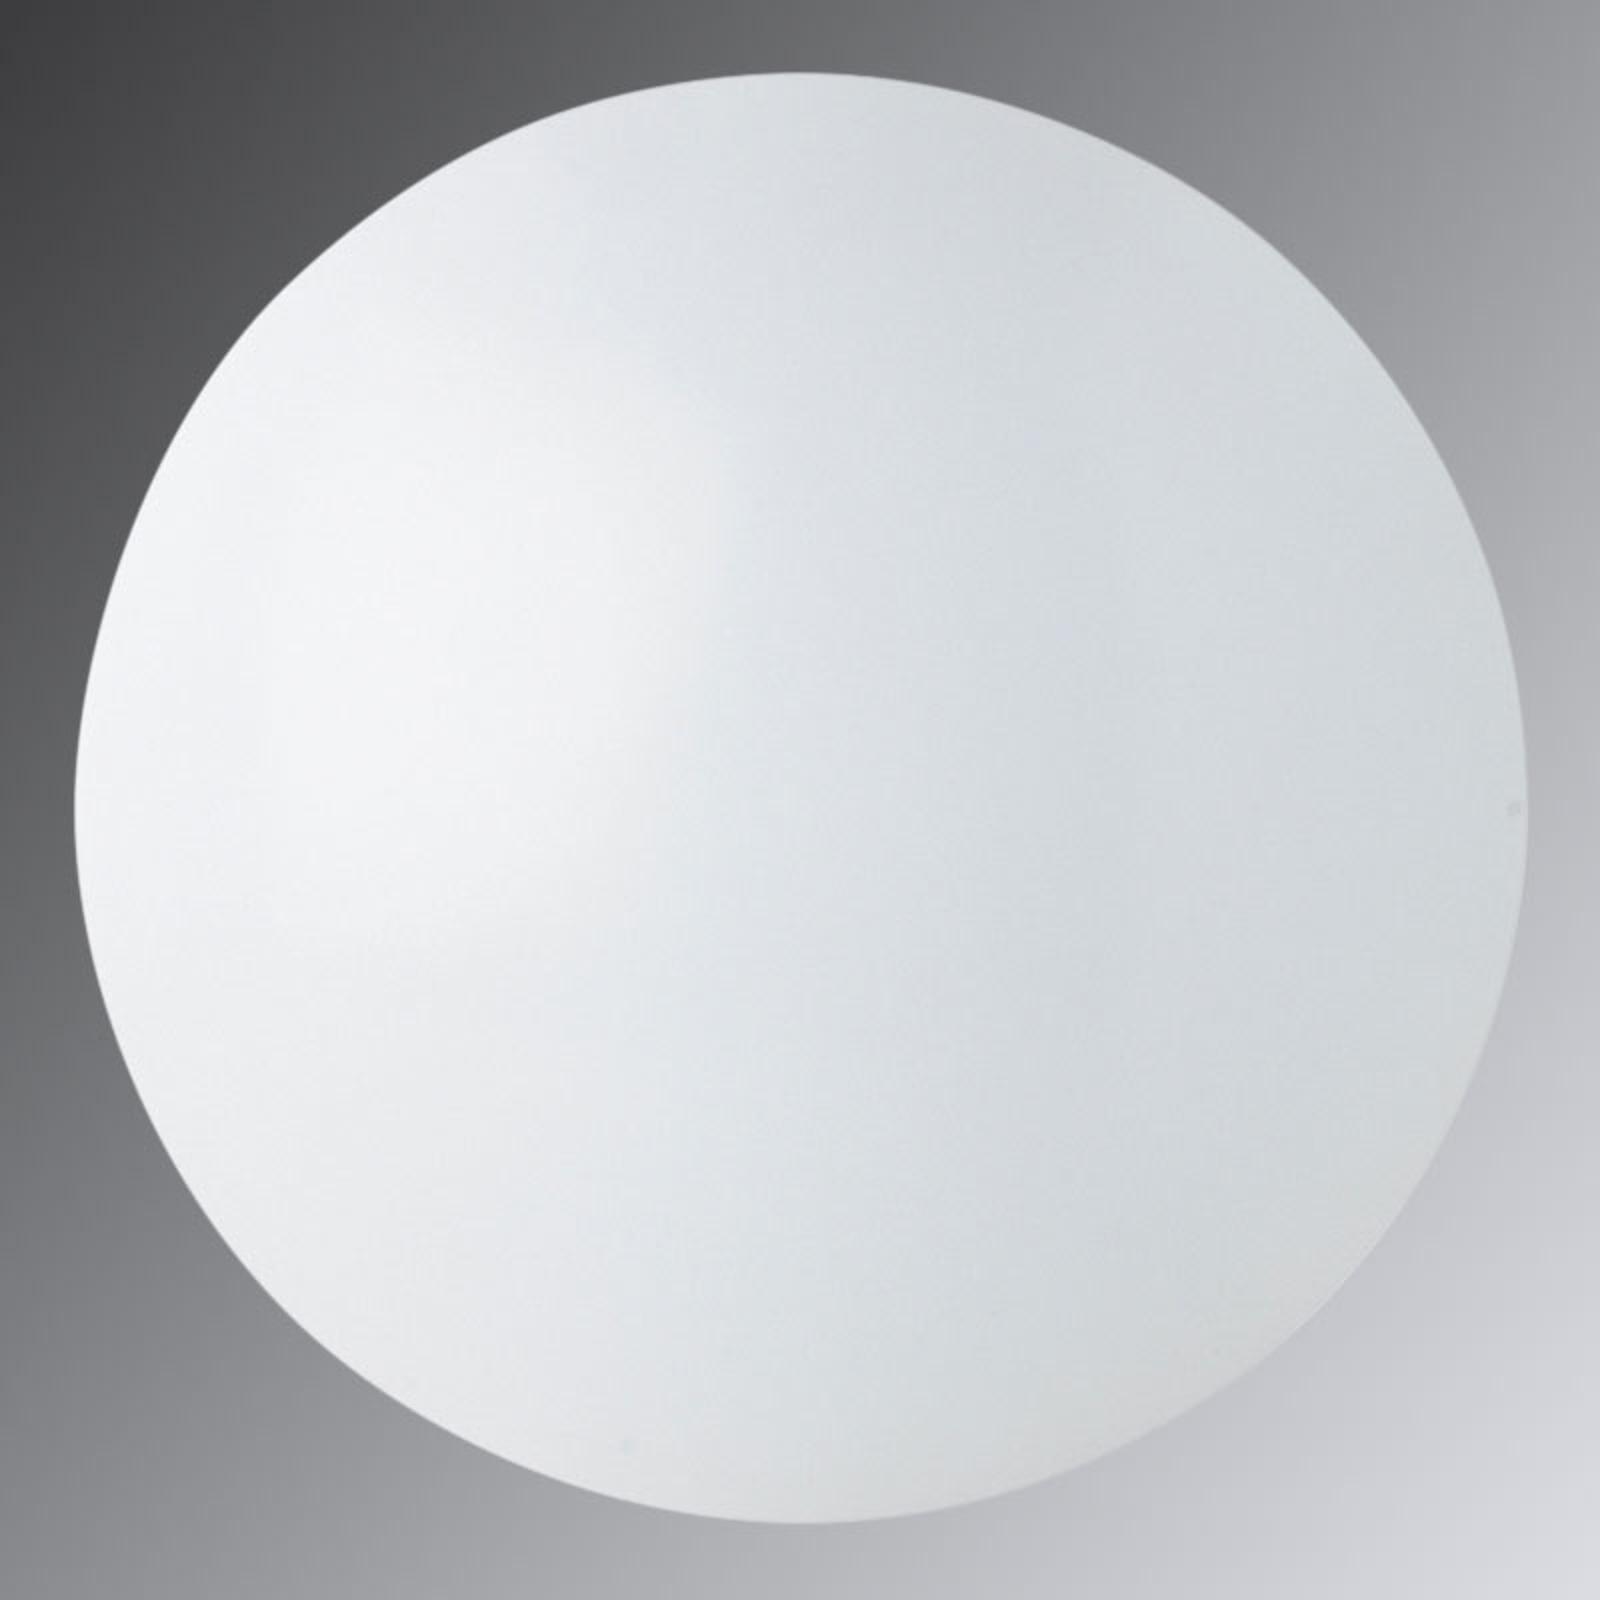 Schaltfeste LED-Deckenleuchte Renzo, 22 W, 3.000 K